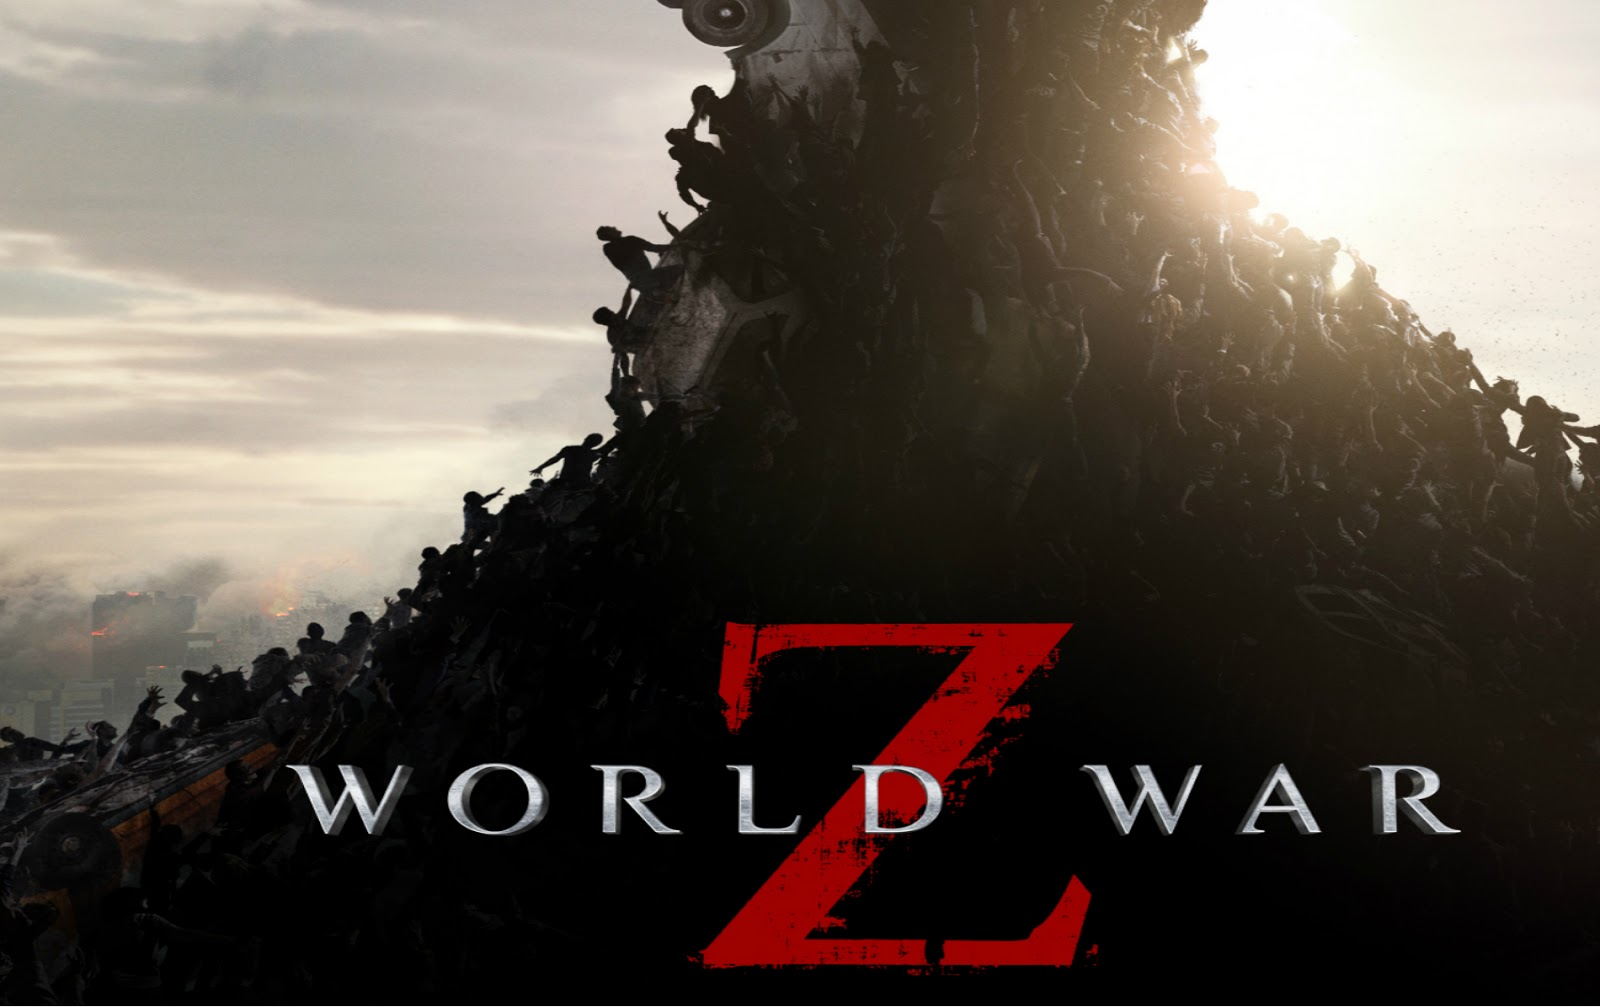 http://4.bp.blogspot.com/-3yqX_eZrJcs/UVBRTm4wsdI/AAAAAAAAHR4/dBNE6C7uNsU/s1600/World-War-Z-HD_Wallpaper_Vvallpaper.Net.jpg